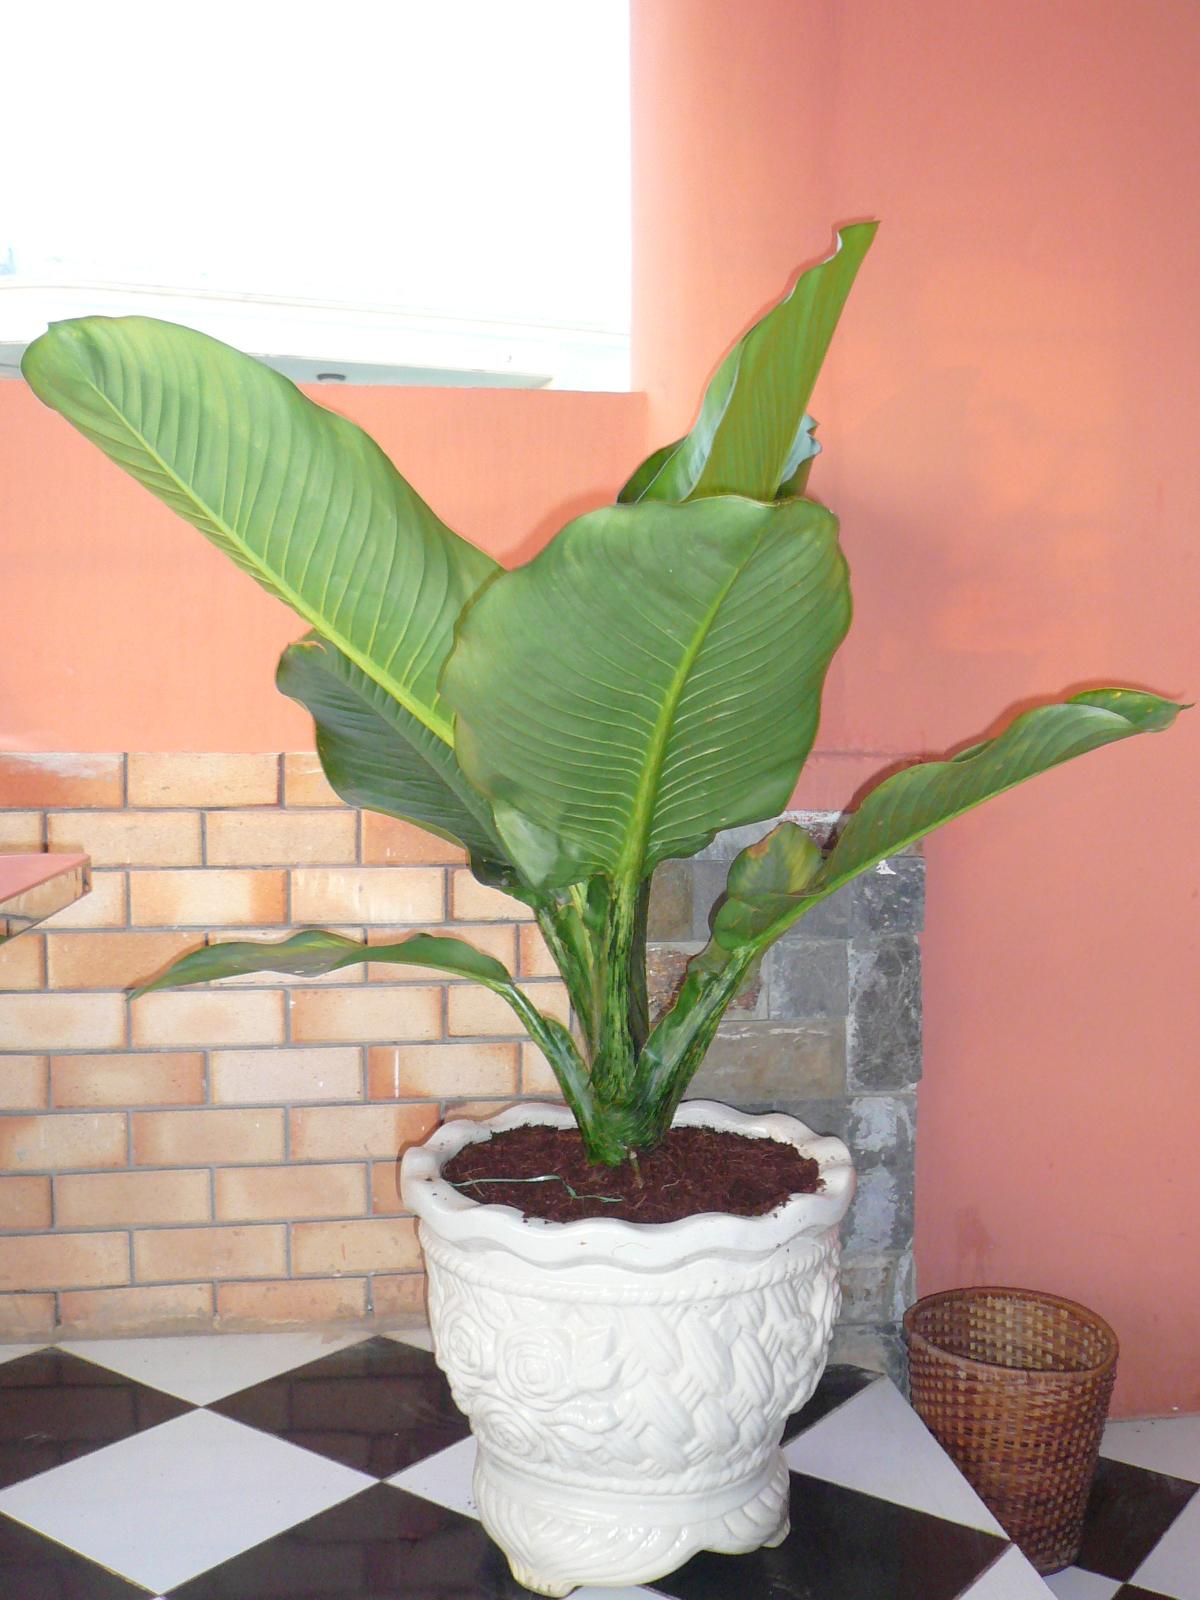 P1050986-1 Cách chăm sóc cây cảnh trong chậu